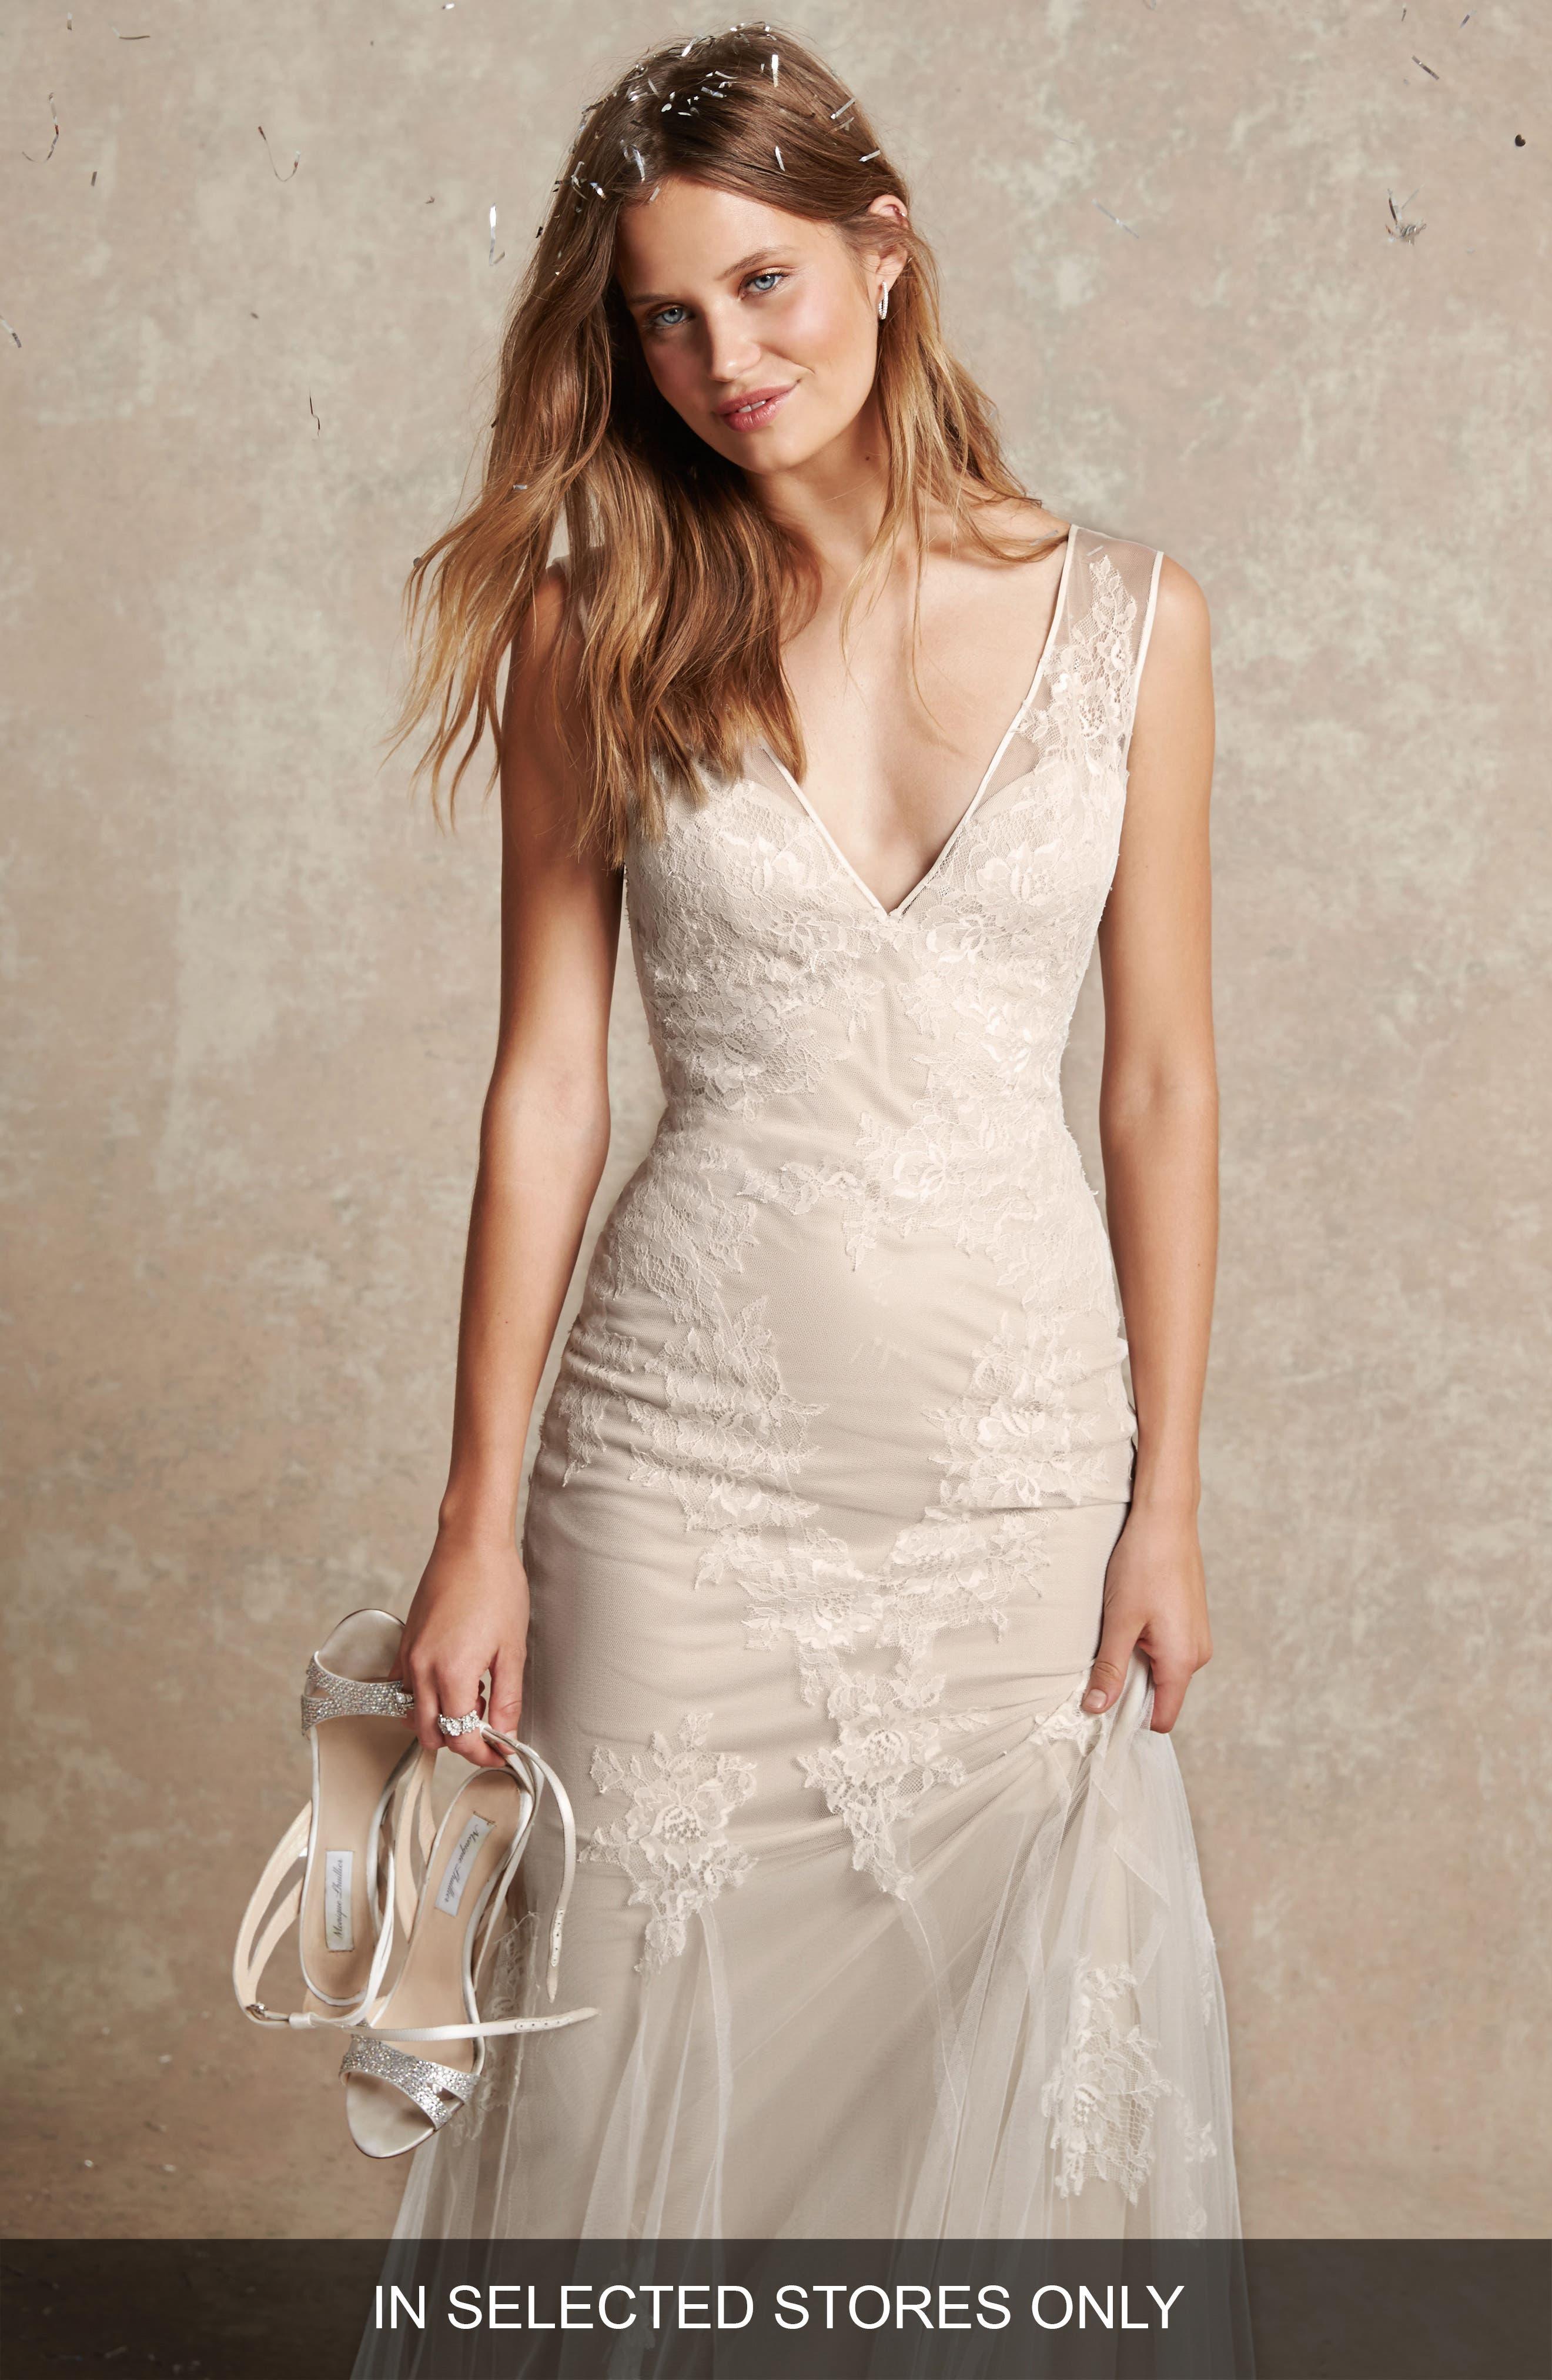 BLISS Monique Lhuillier Wedding Dresses & Bridal Gowns | Nordstrom